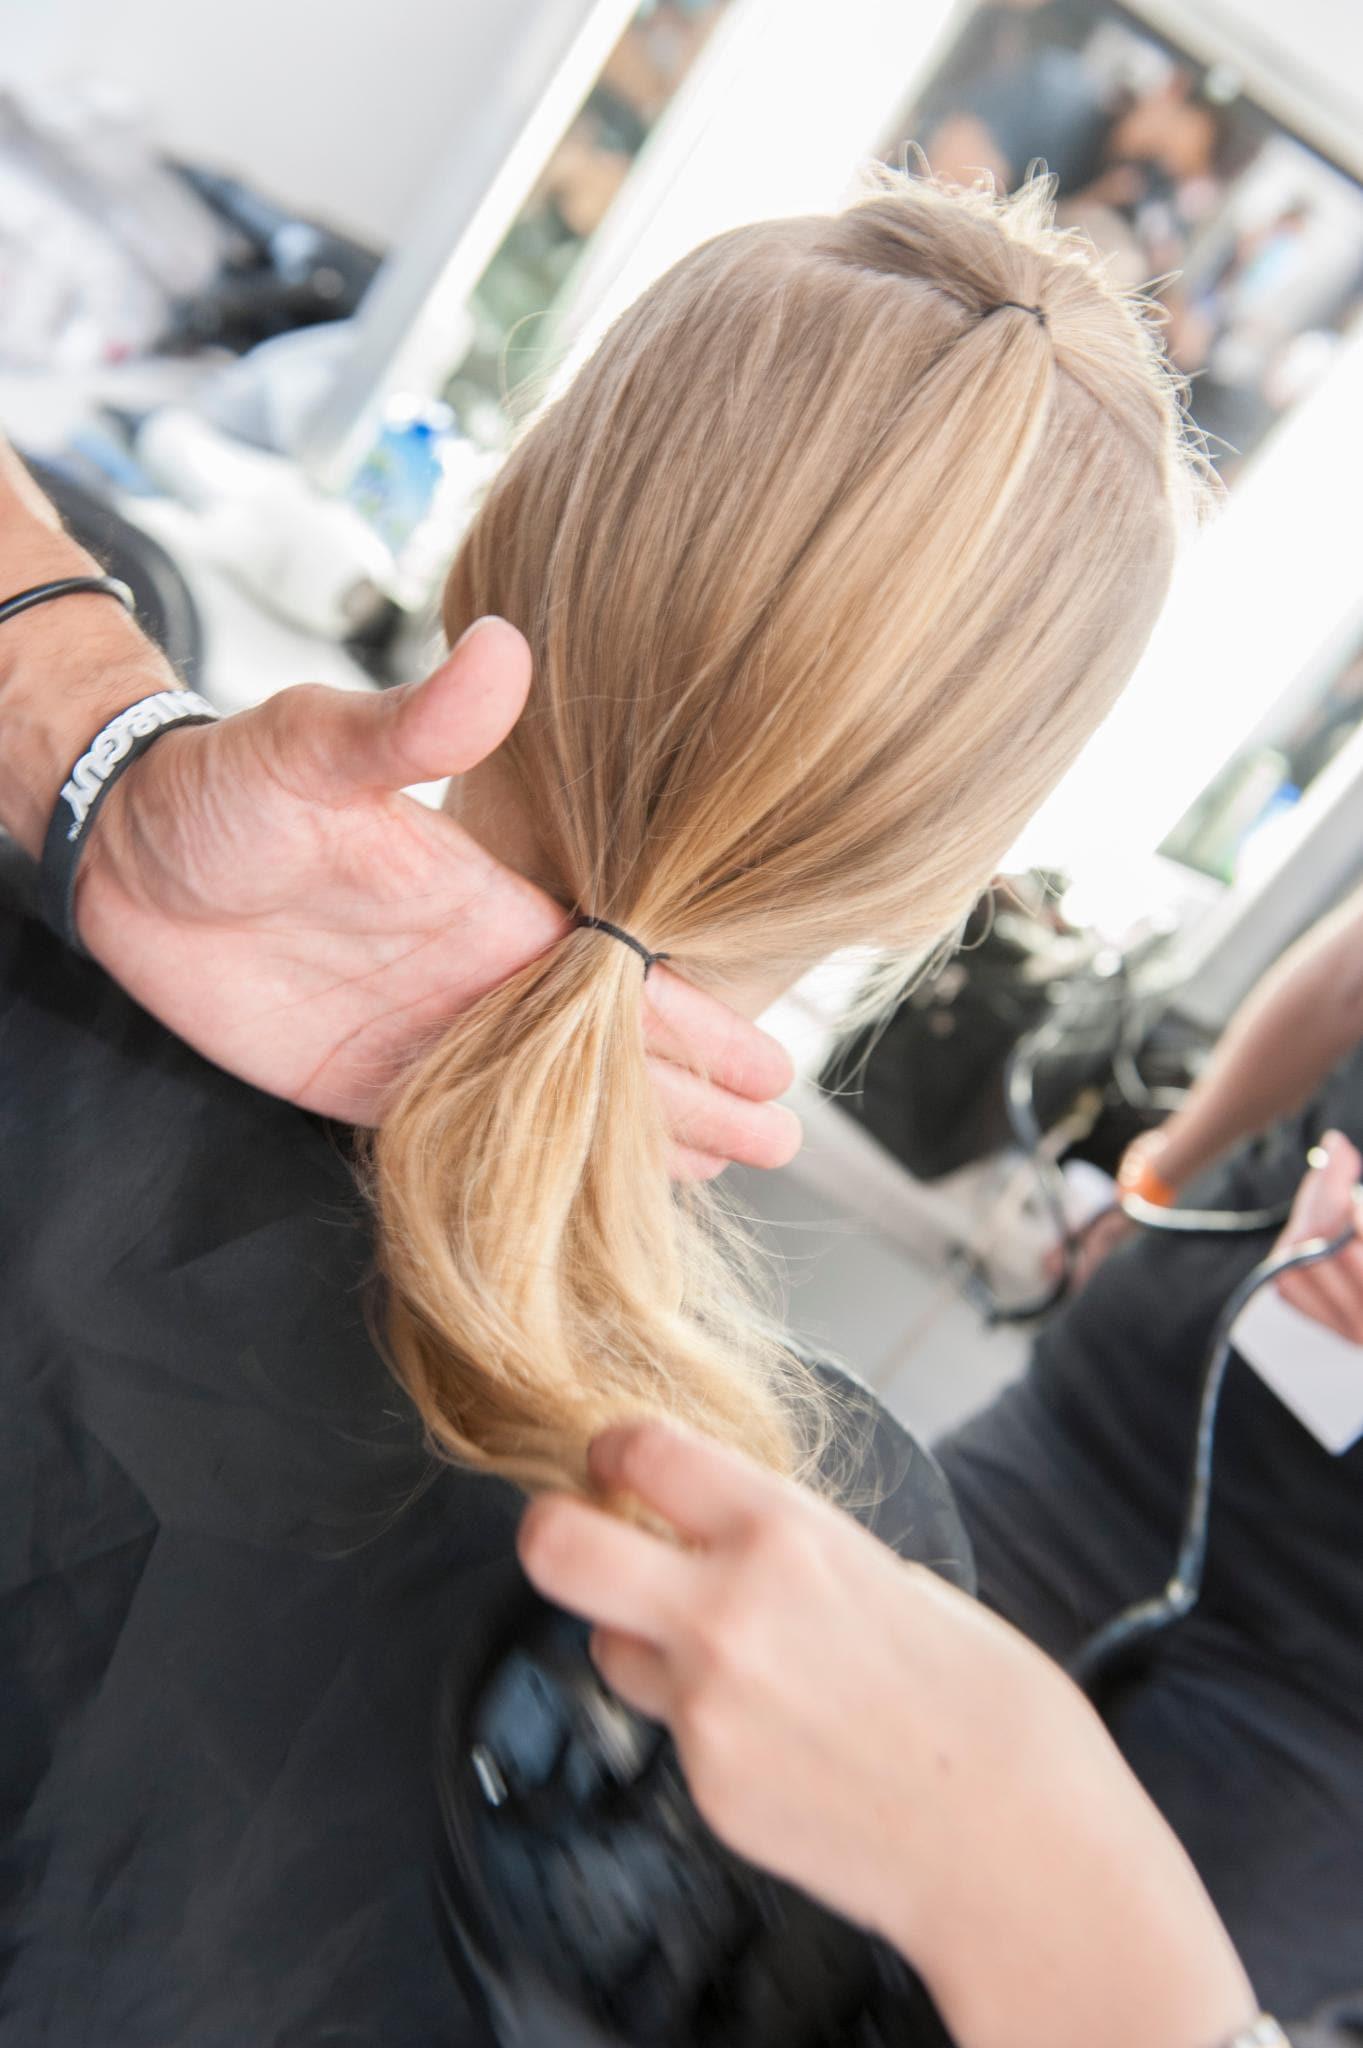 Backstage de un peinado, cabellera rubia atada con dos gomitas negras